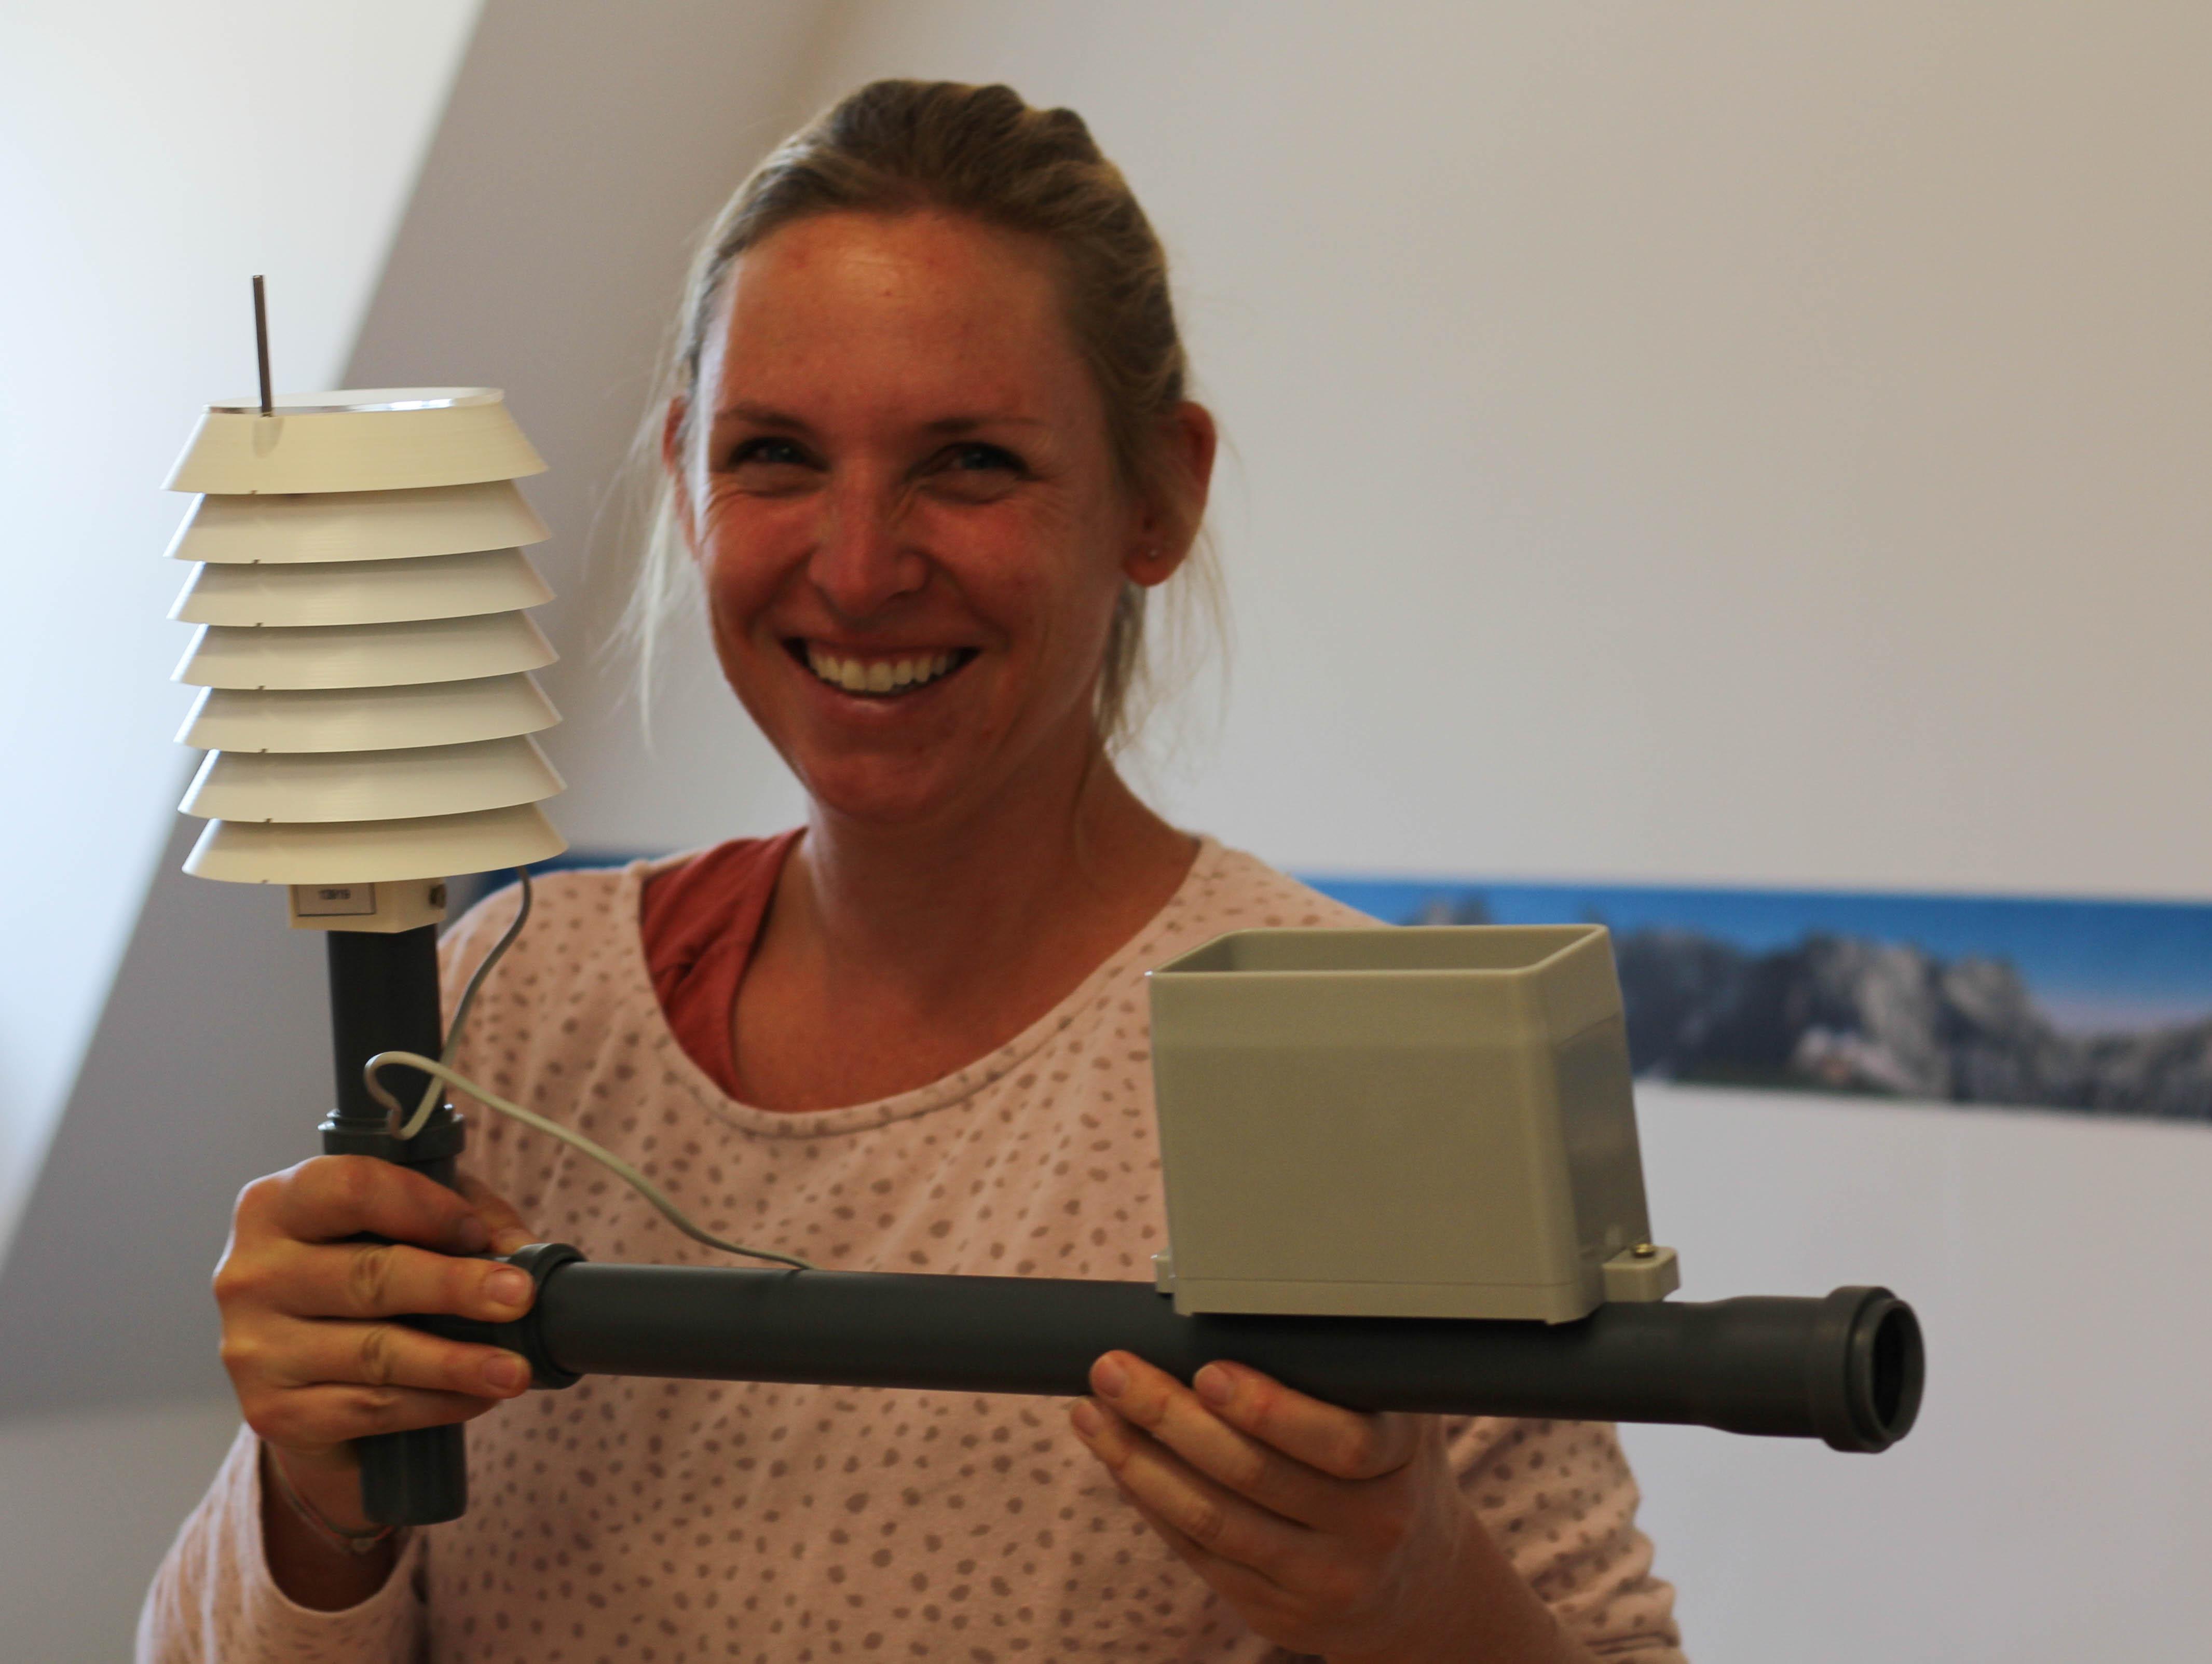 Dr. Cornelia Baumann von der Energiewende Oberland hält ein selbst zusammengebautes Wettermessgerät in den Händen. Das Gerät kann auf dem Balkon oder im Garten aufgestellt werden